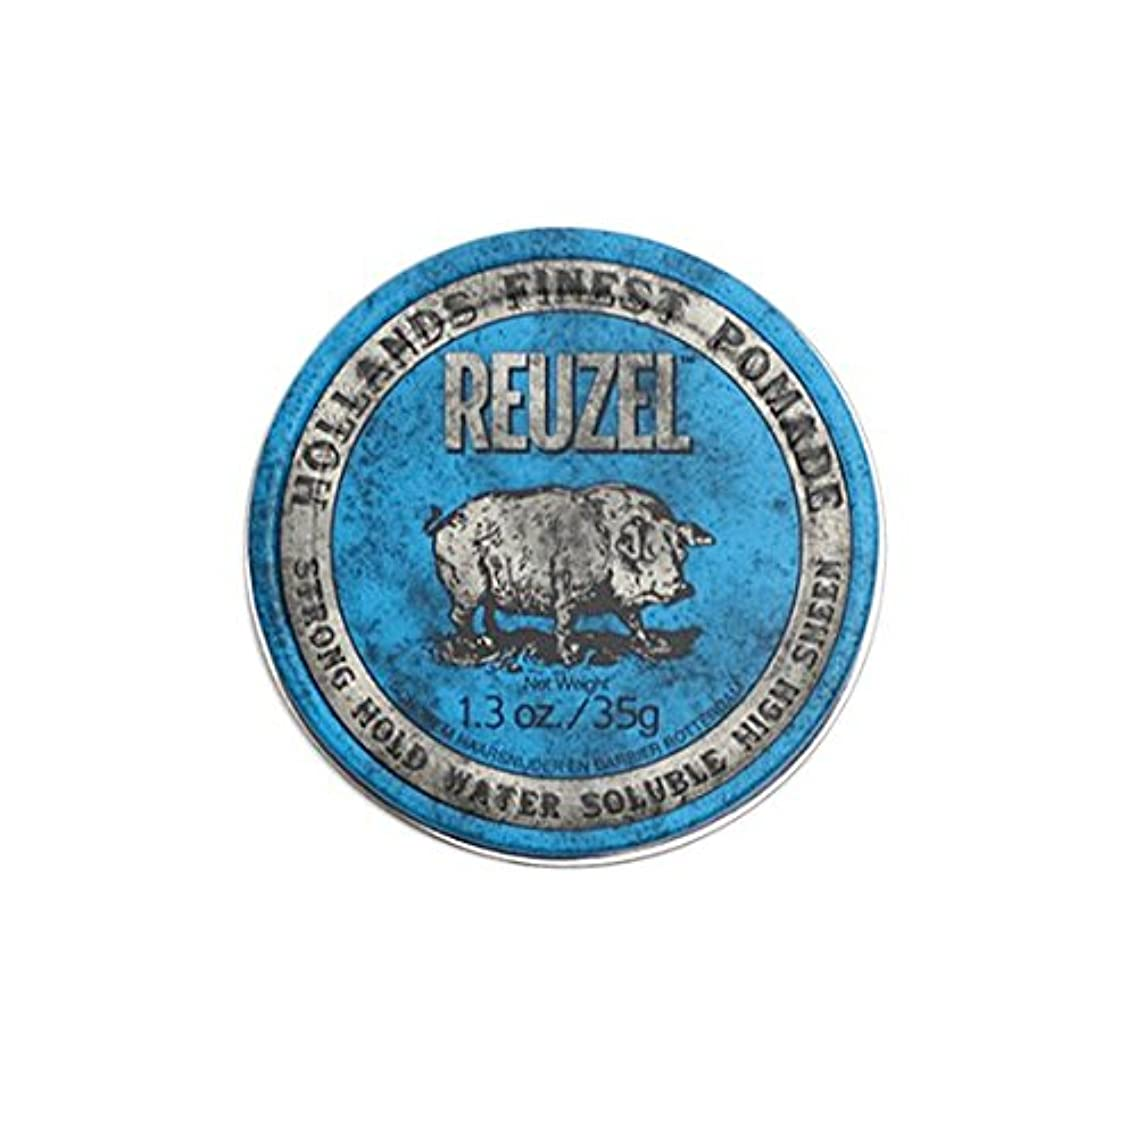 条件付き実装するわがままルーゾー REUZEL STRONG HOLD HIGH SHEEN ストロングホールド ブルー 35g